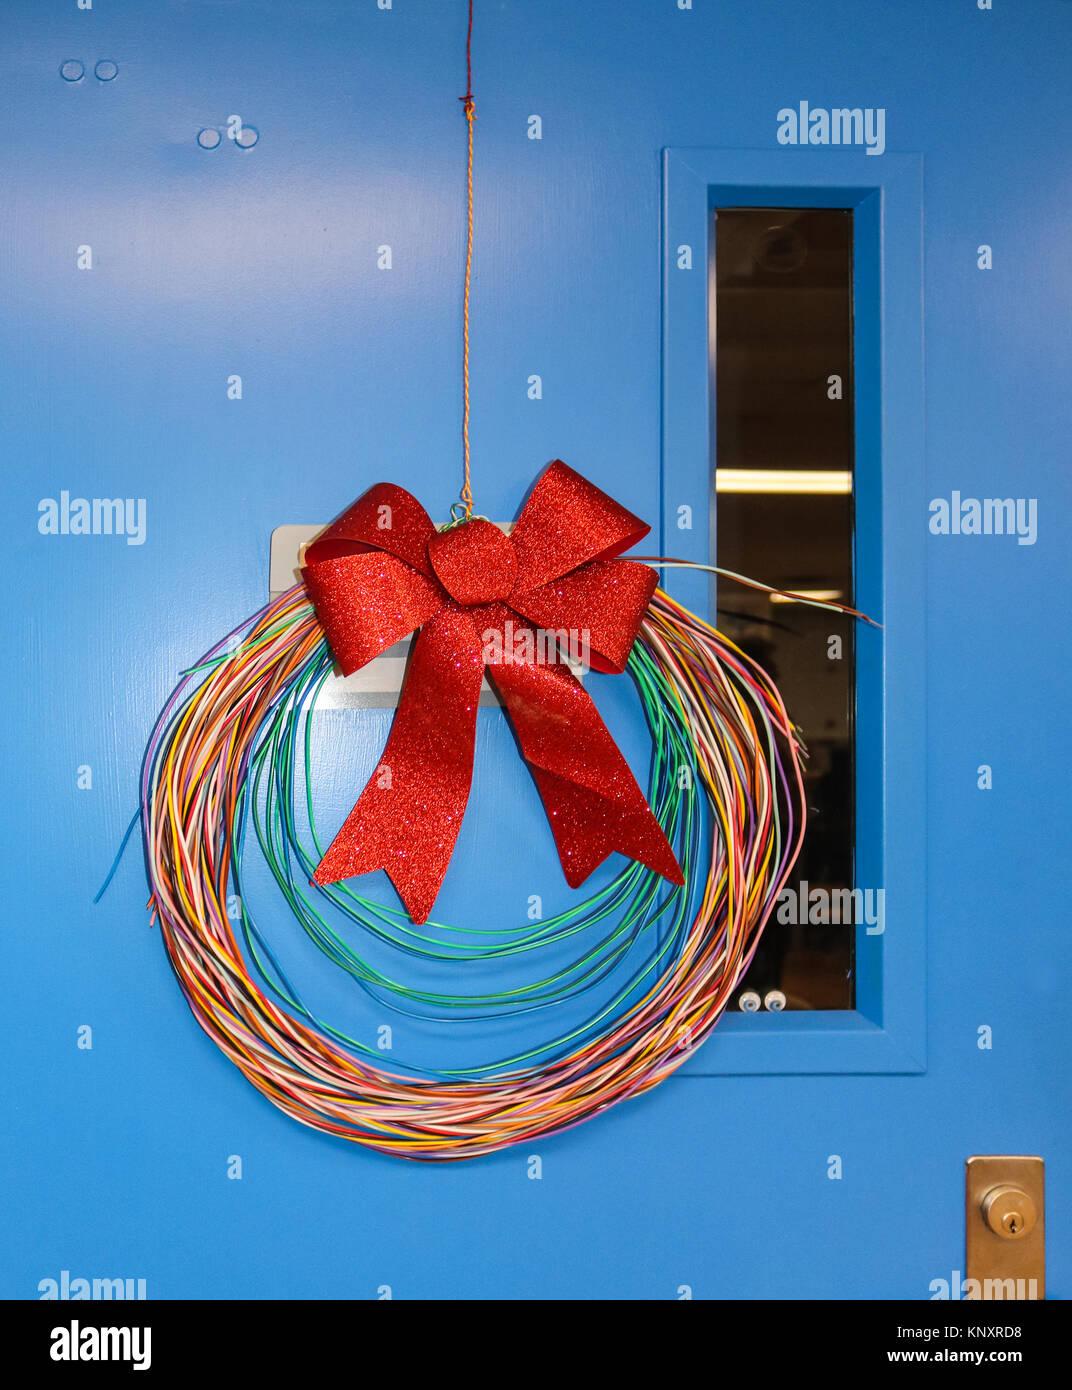 Cableado de la red de navidad con glitter bow colgado en la puerta azul con googly stick de ojos mirando hacia fuera Imagen De Stock